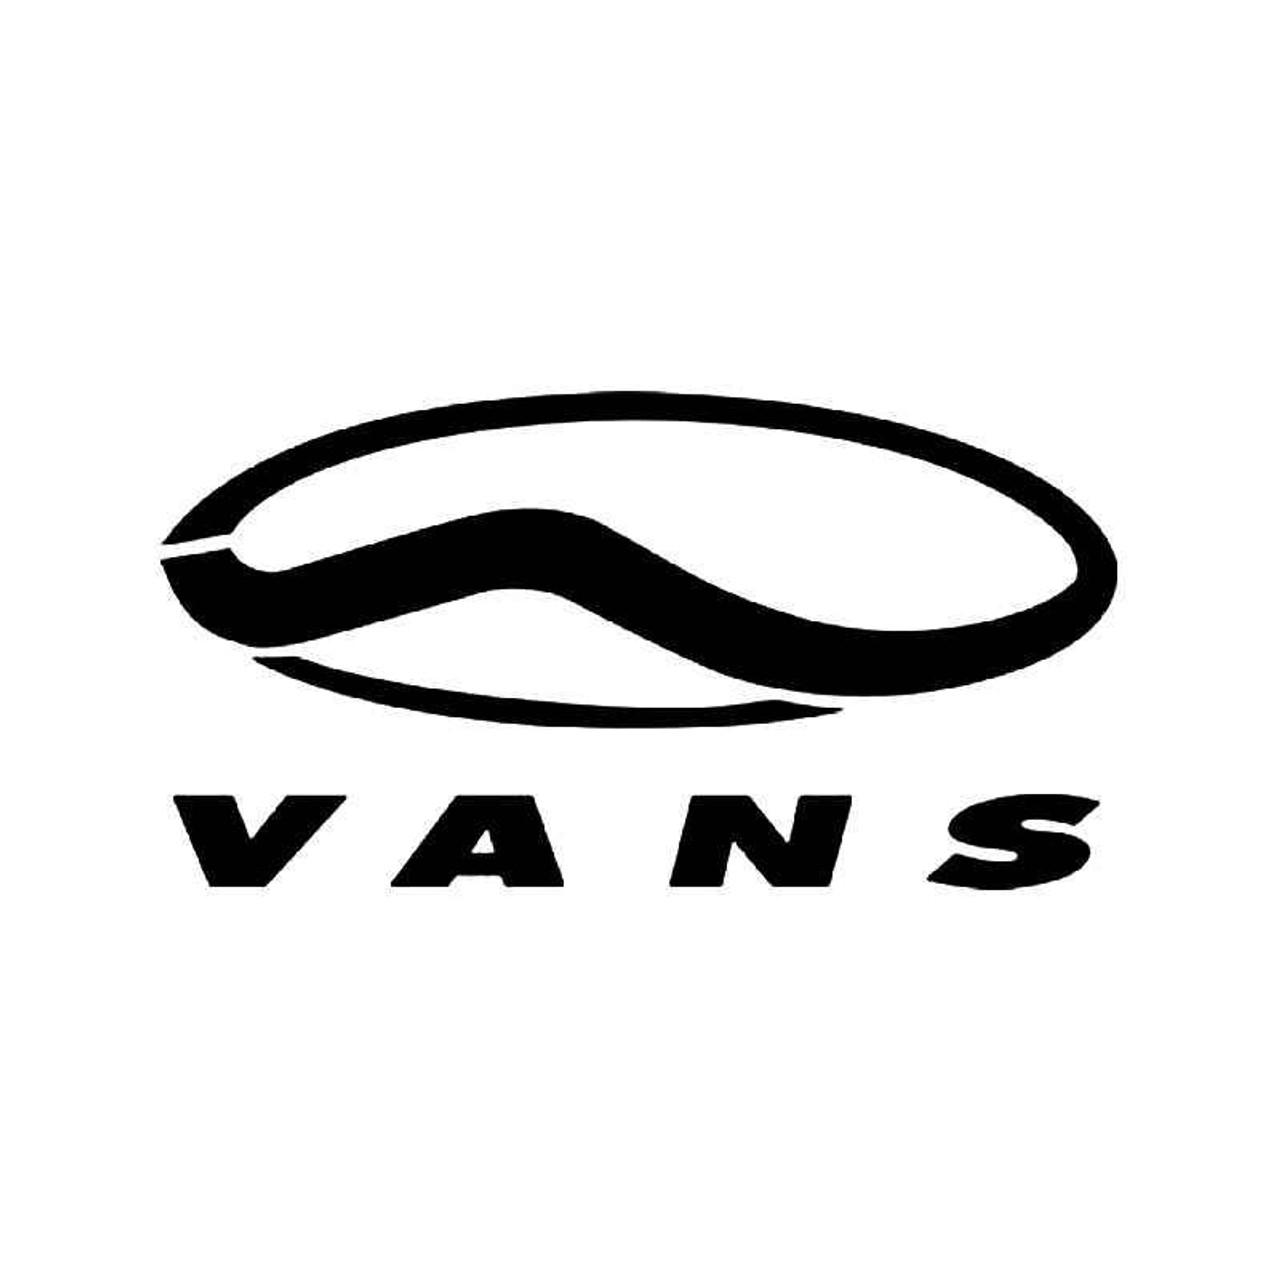 7f36fcdb5cdba5 Vans Surf Logo Vinyl Sticker